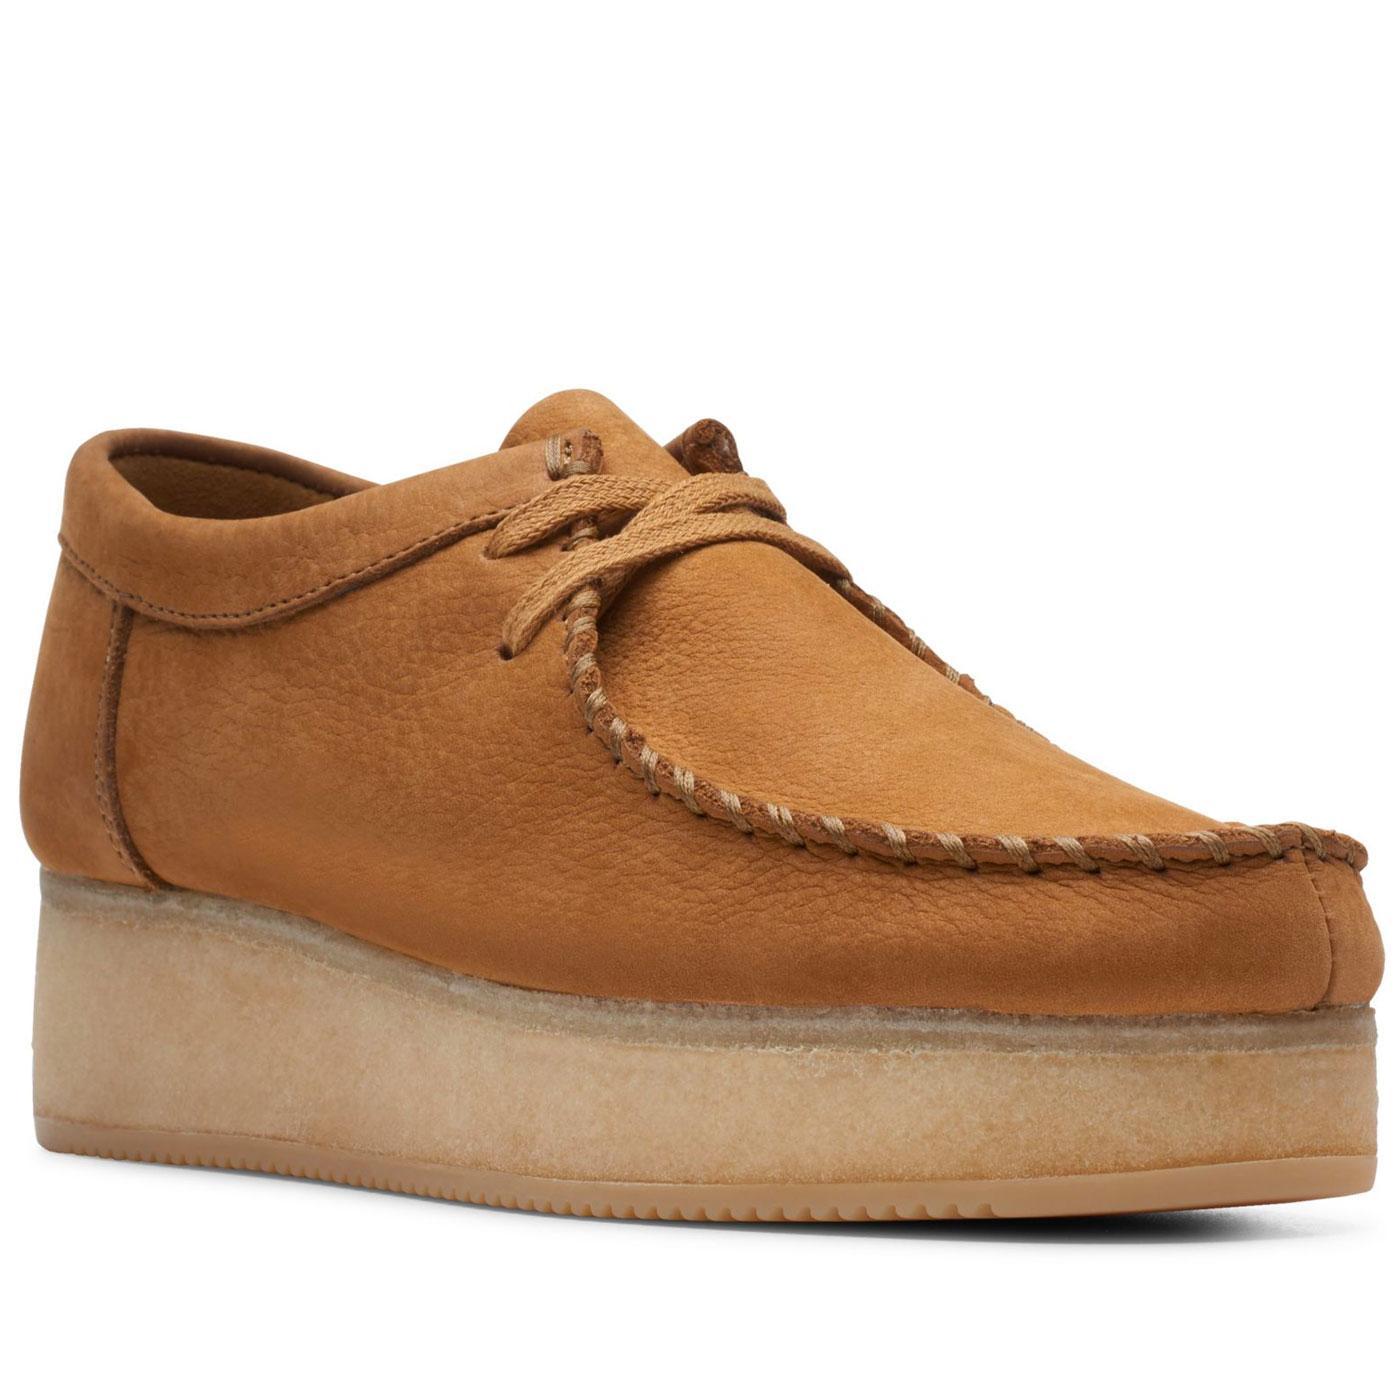 Wallacraft Lo CLARKS ORIGINALS Raised Sole Shoes O